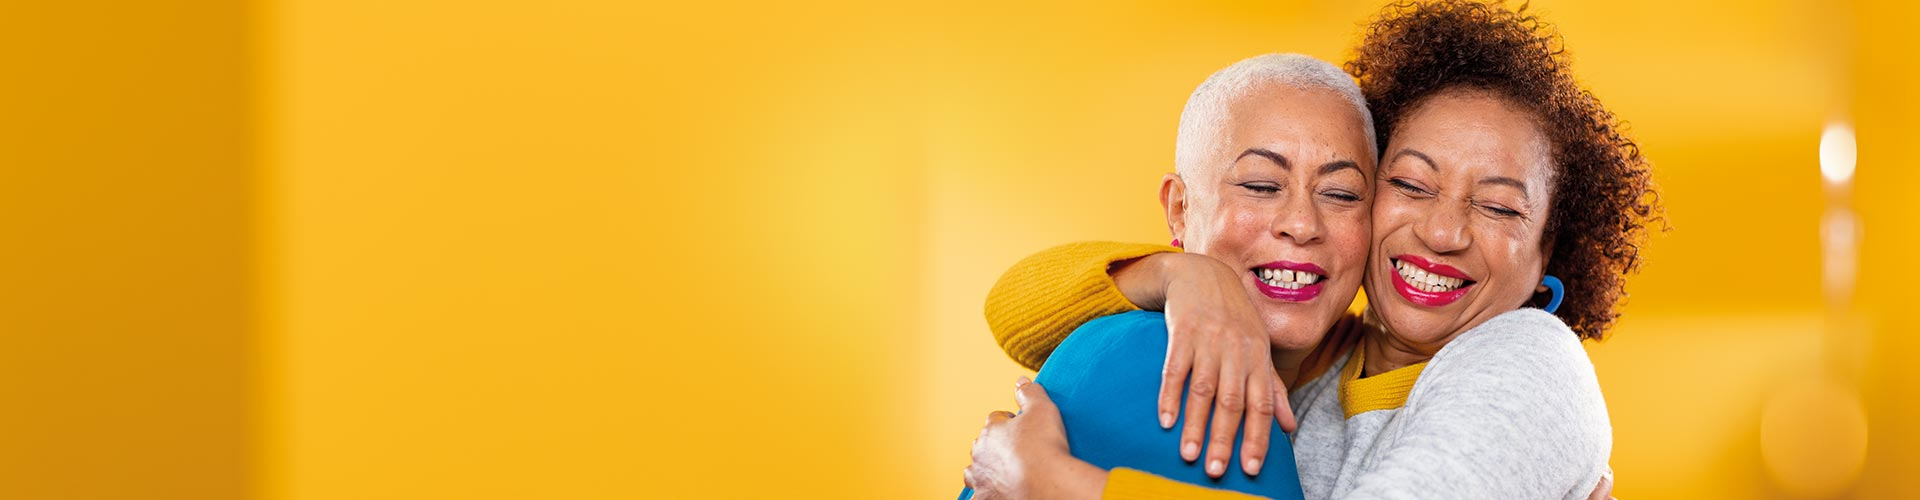 Zwei Frauen mittleren Alters umarmen sich gegenseitig. Eine trägt Philips HearLink Hinter-dem-Ohr Hörgeräte.